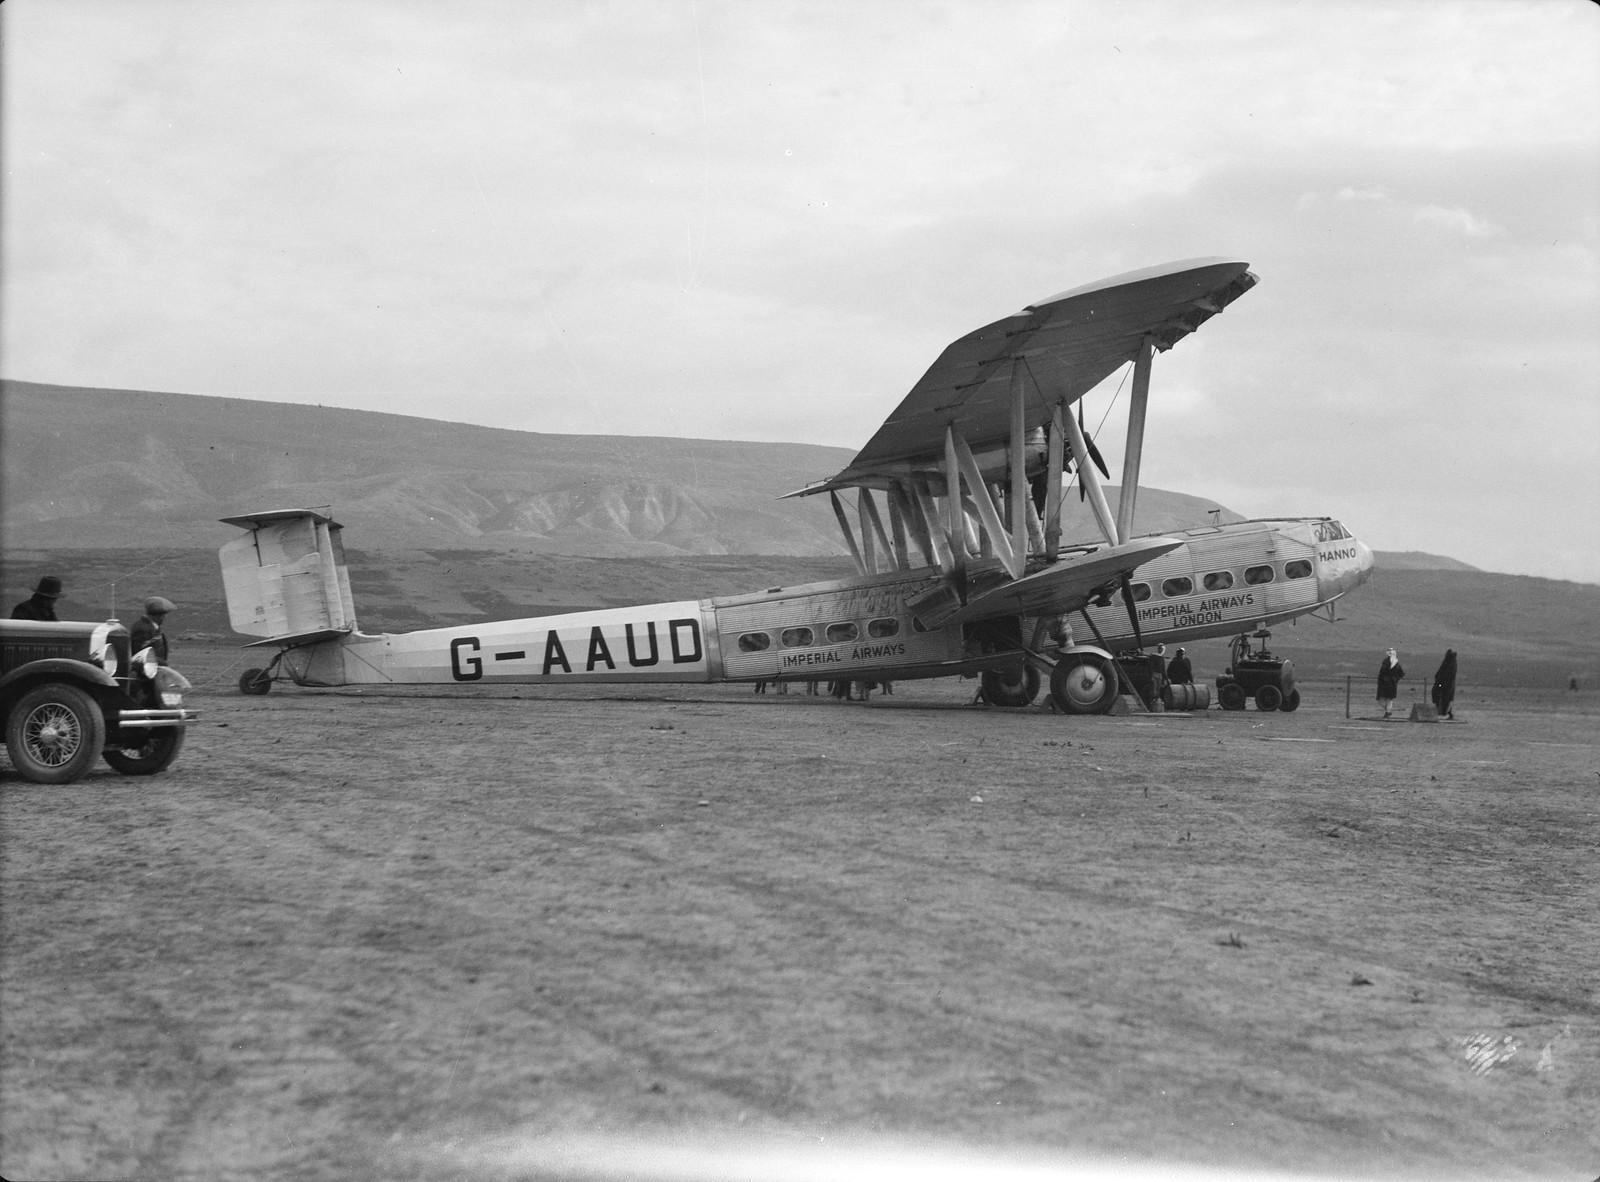 11. Первый полет самолета G-AAUD Hanno. Самолет на летном поле в Семахе